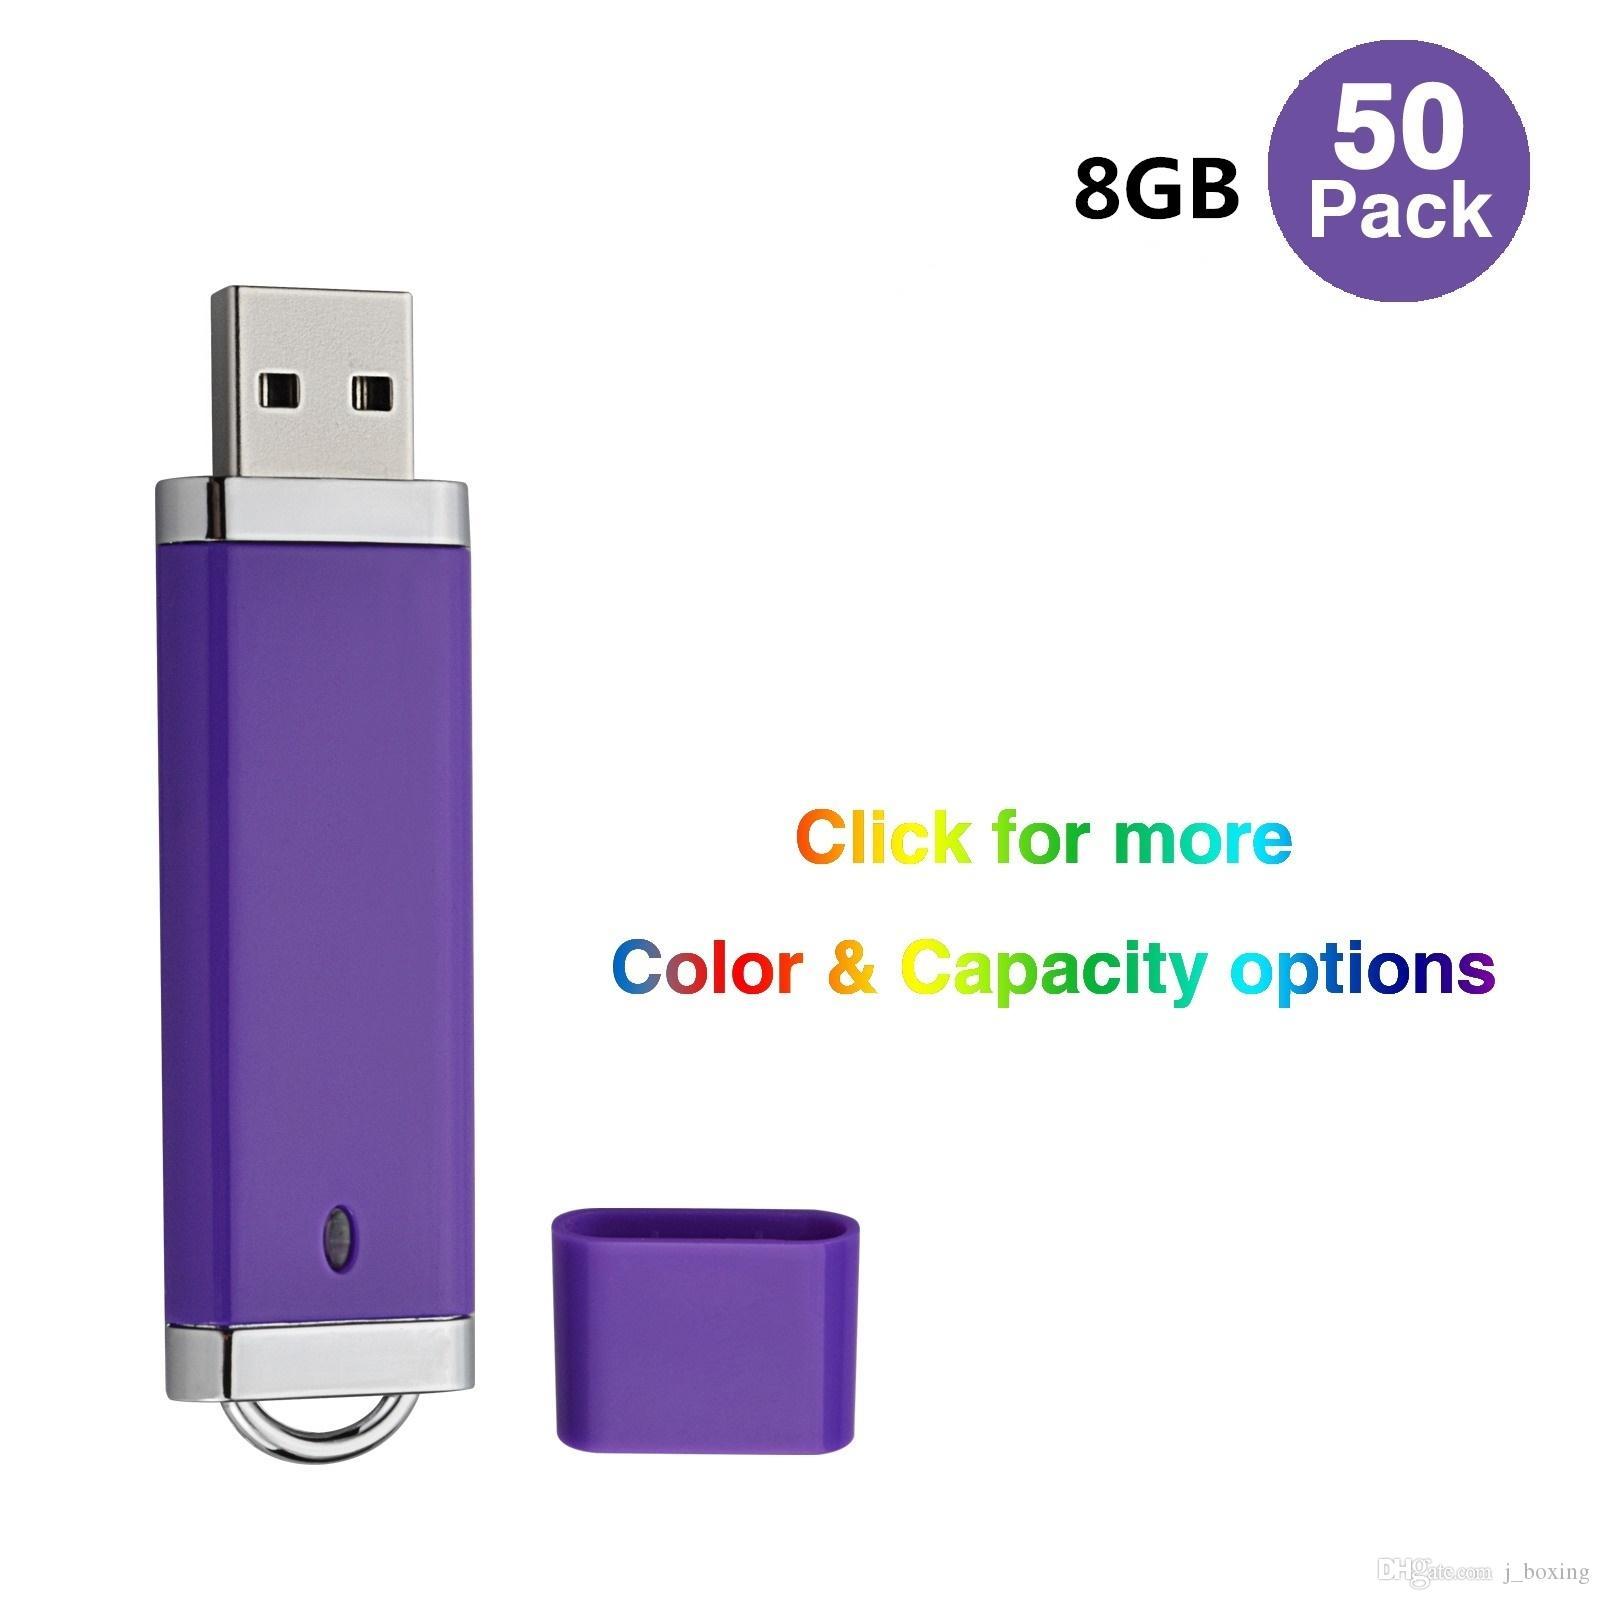 Bulk 50PCS 8GB USB 2.0 Flash Drives Lighter Design Flash Pen Drive Memory Stick Thumb Storage for Computer Laptop LED Indicator Multi-colors